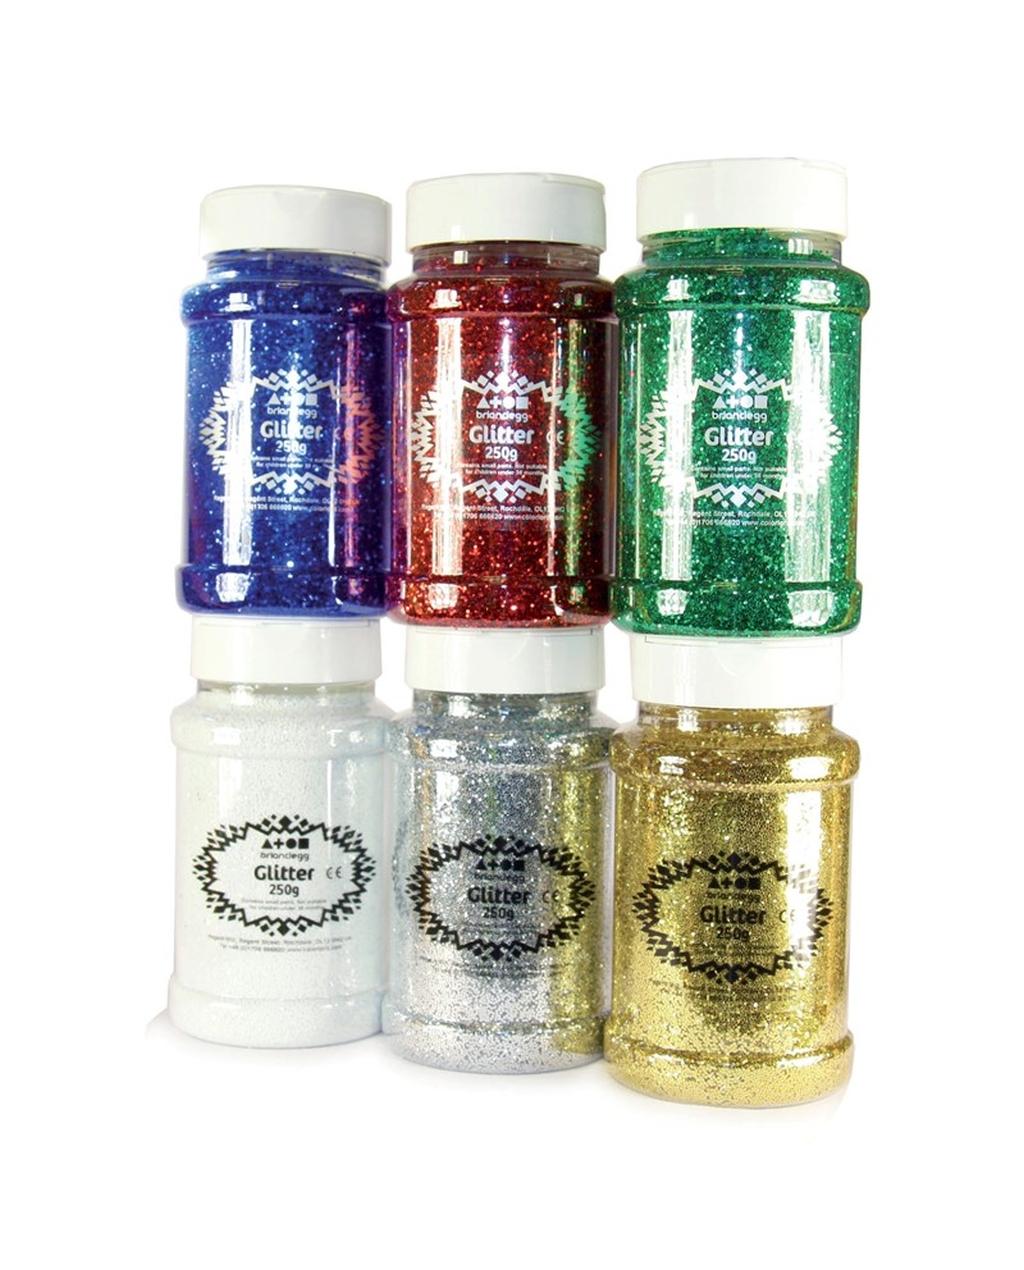 Glitter Flakes Shaker 250g Red